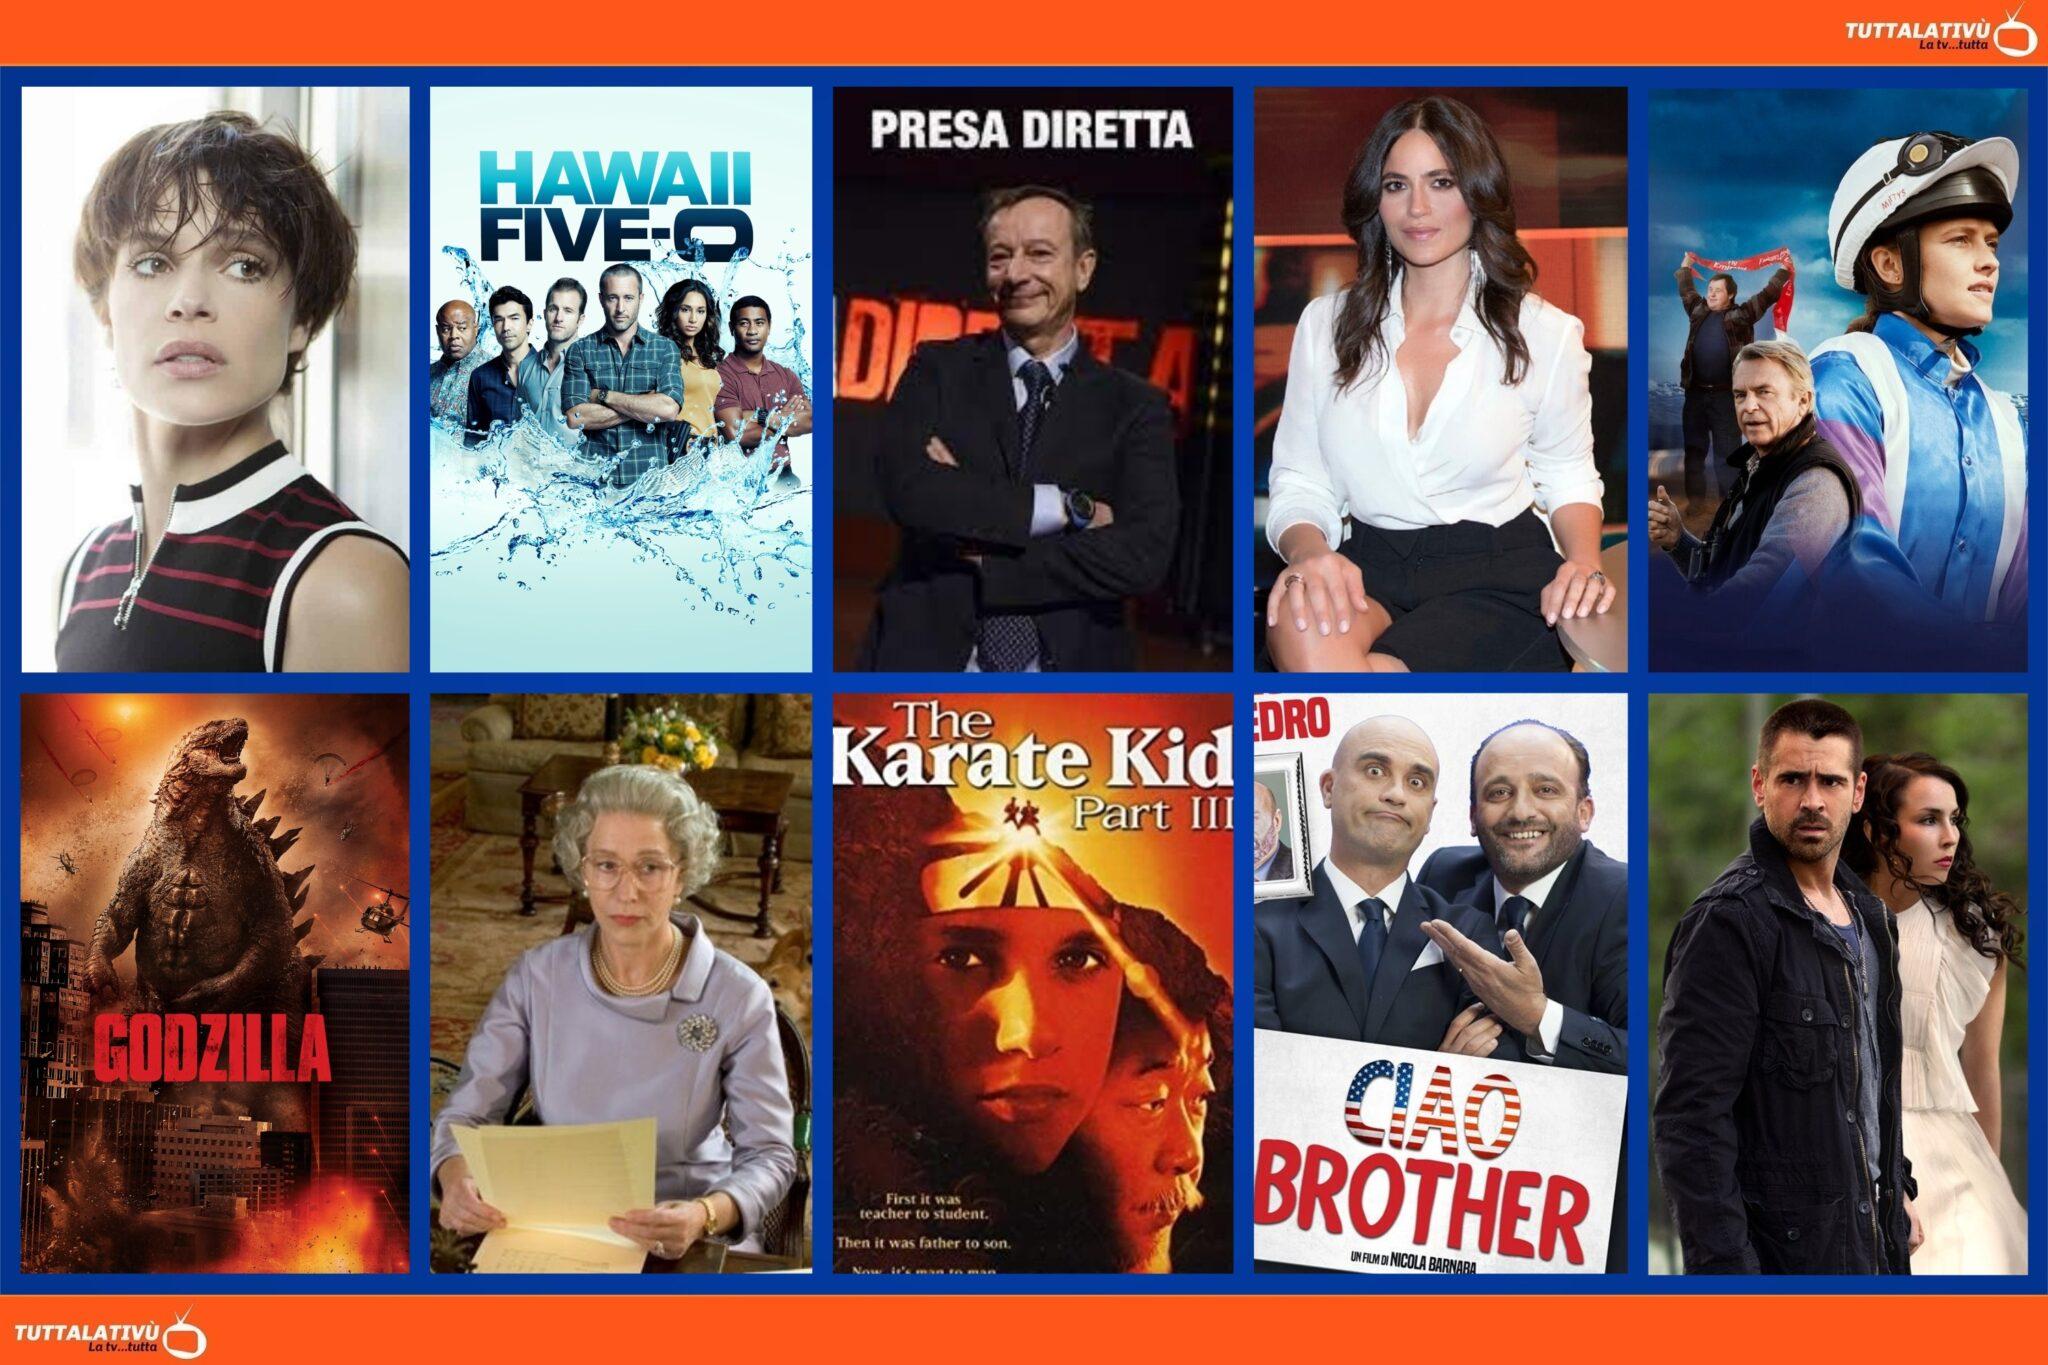 GuidaTV 30 Agosto 2021: Una storia senza nome, La campionessa, Presadiretta, Controcorrente, The Queen, Dead Man Down (su Cielo TV)